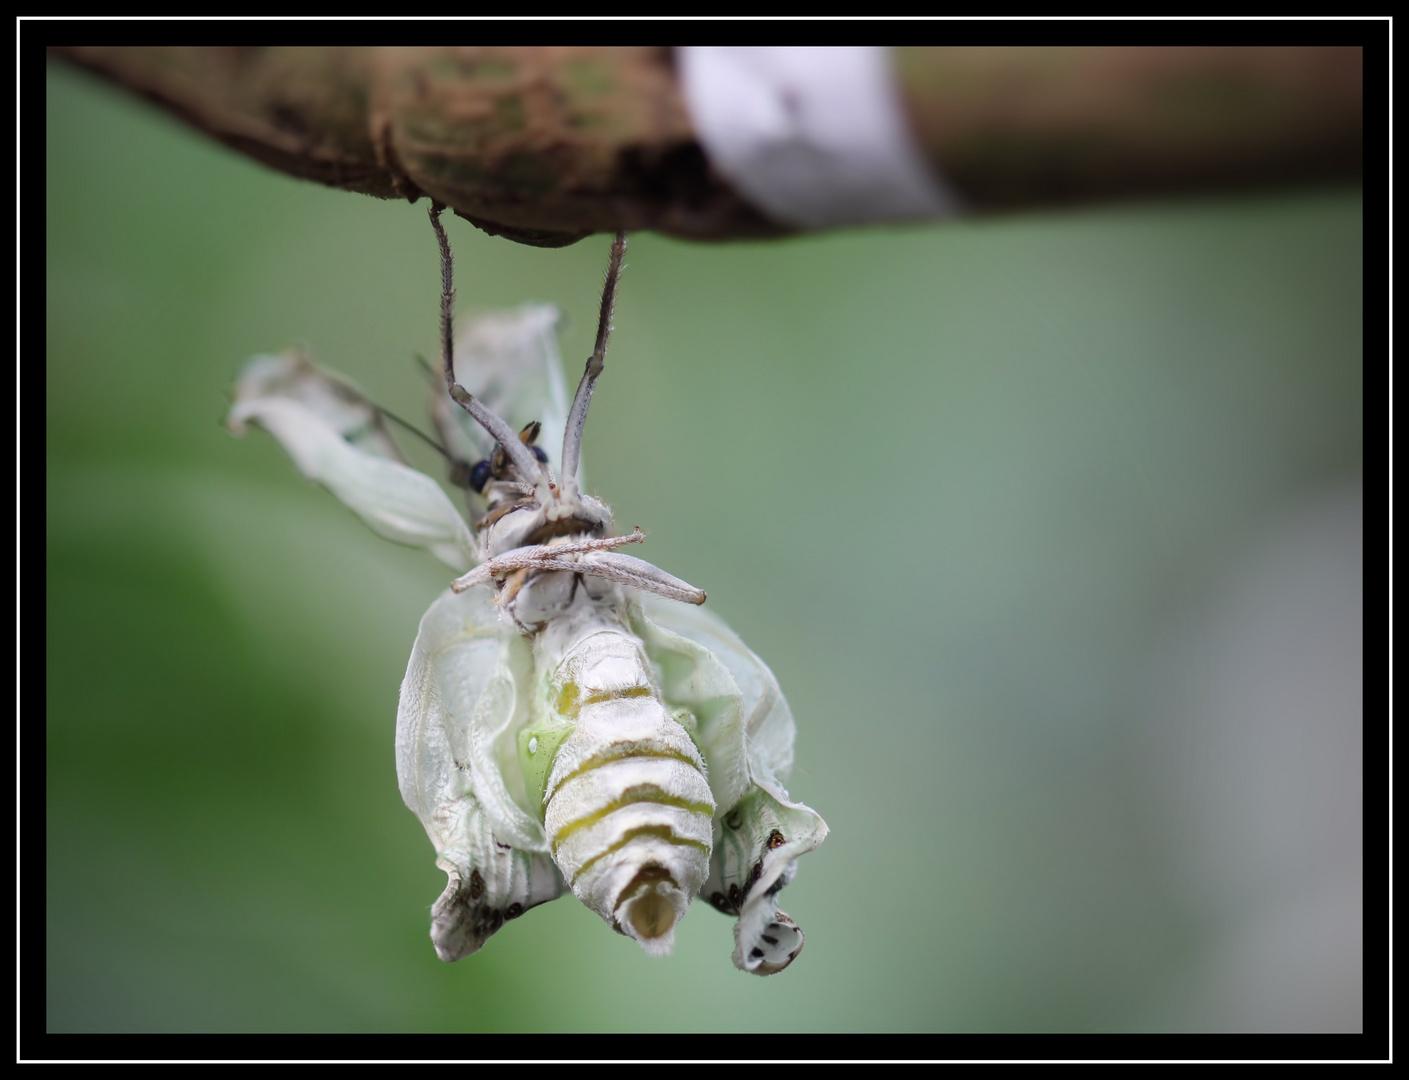 Die Geburt eines Schmetterlings